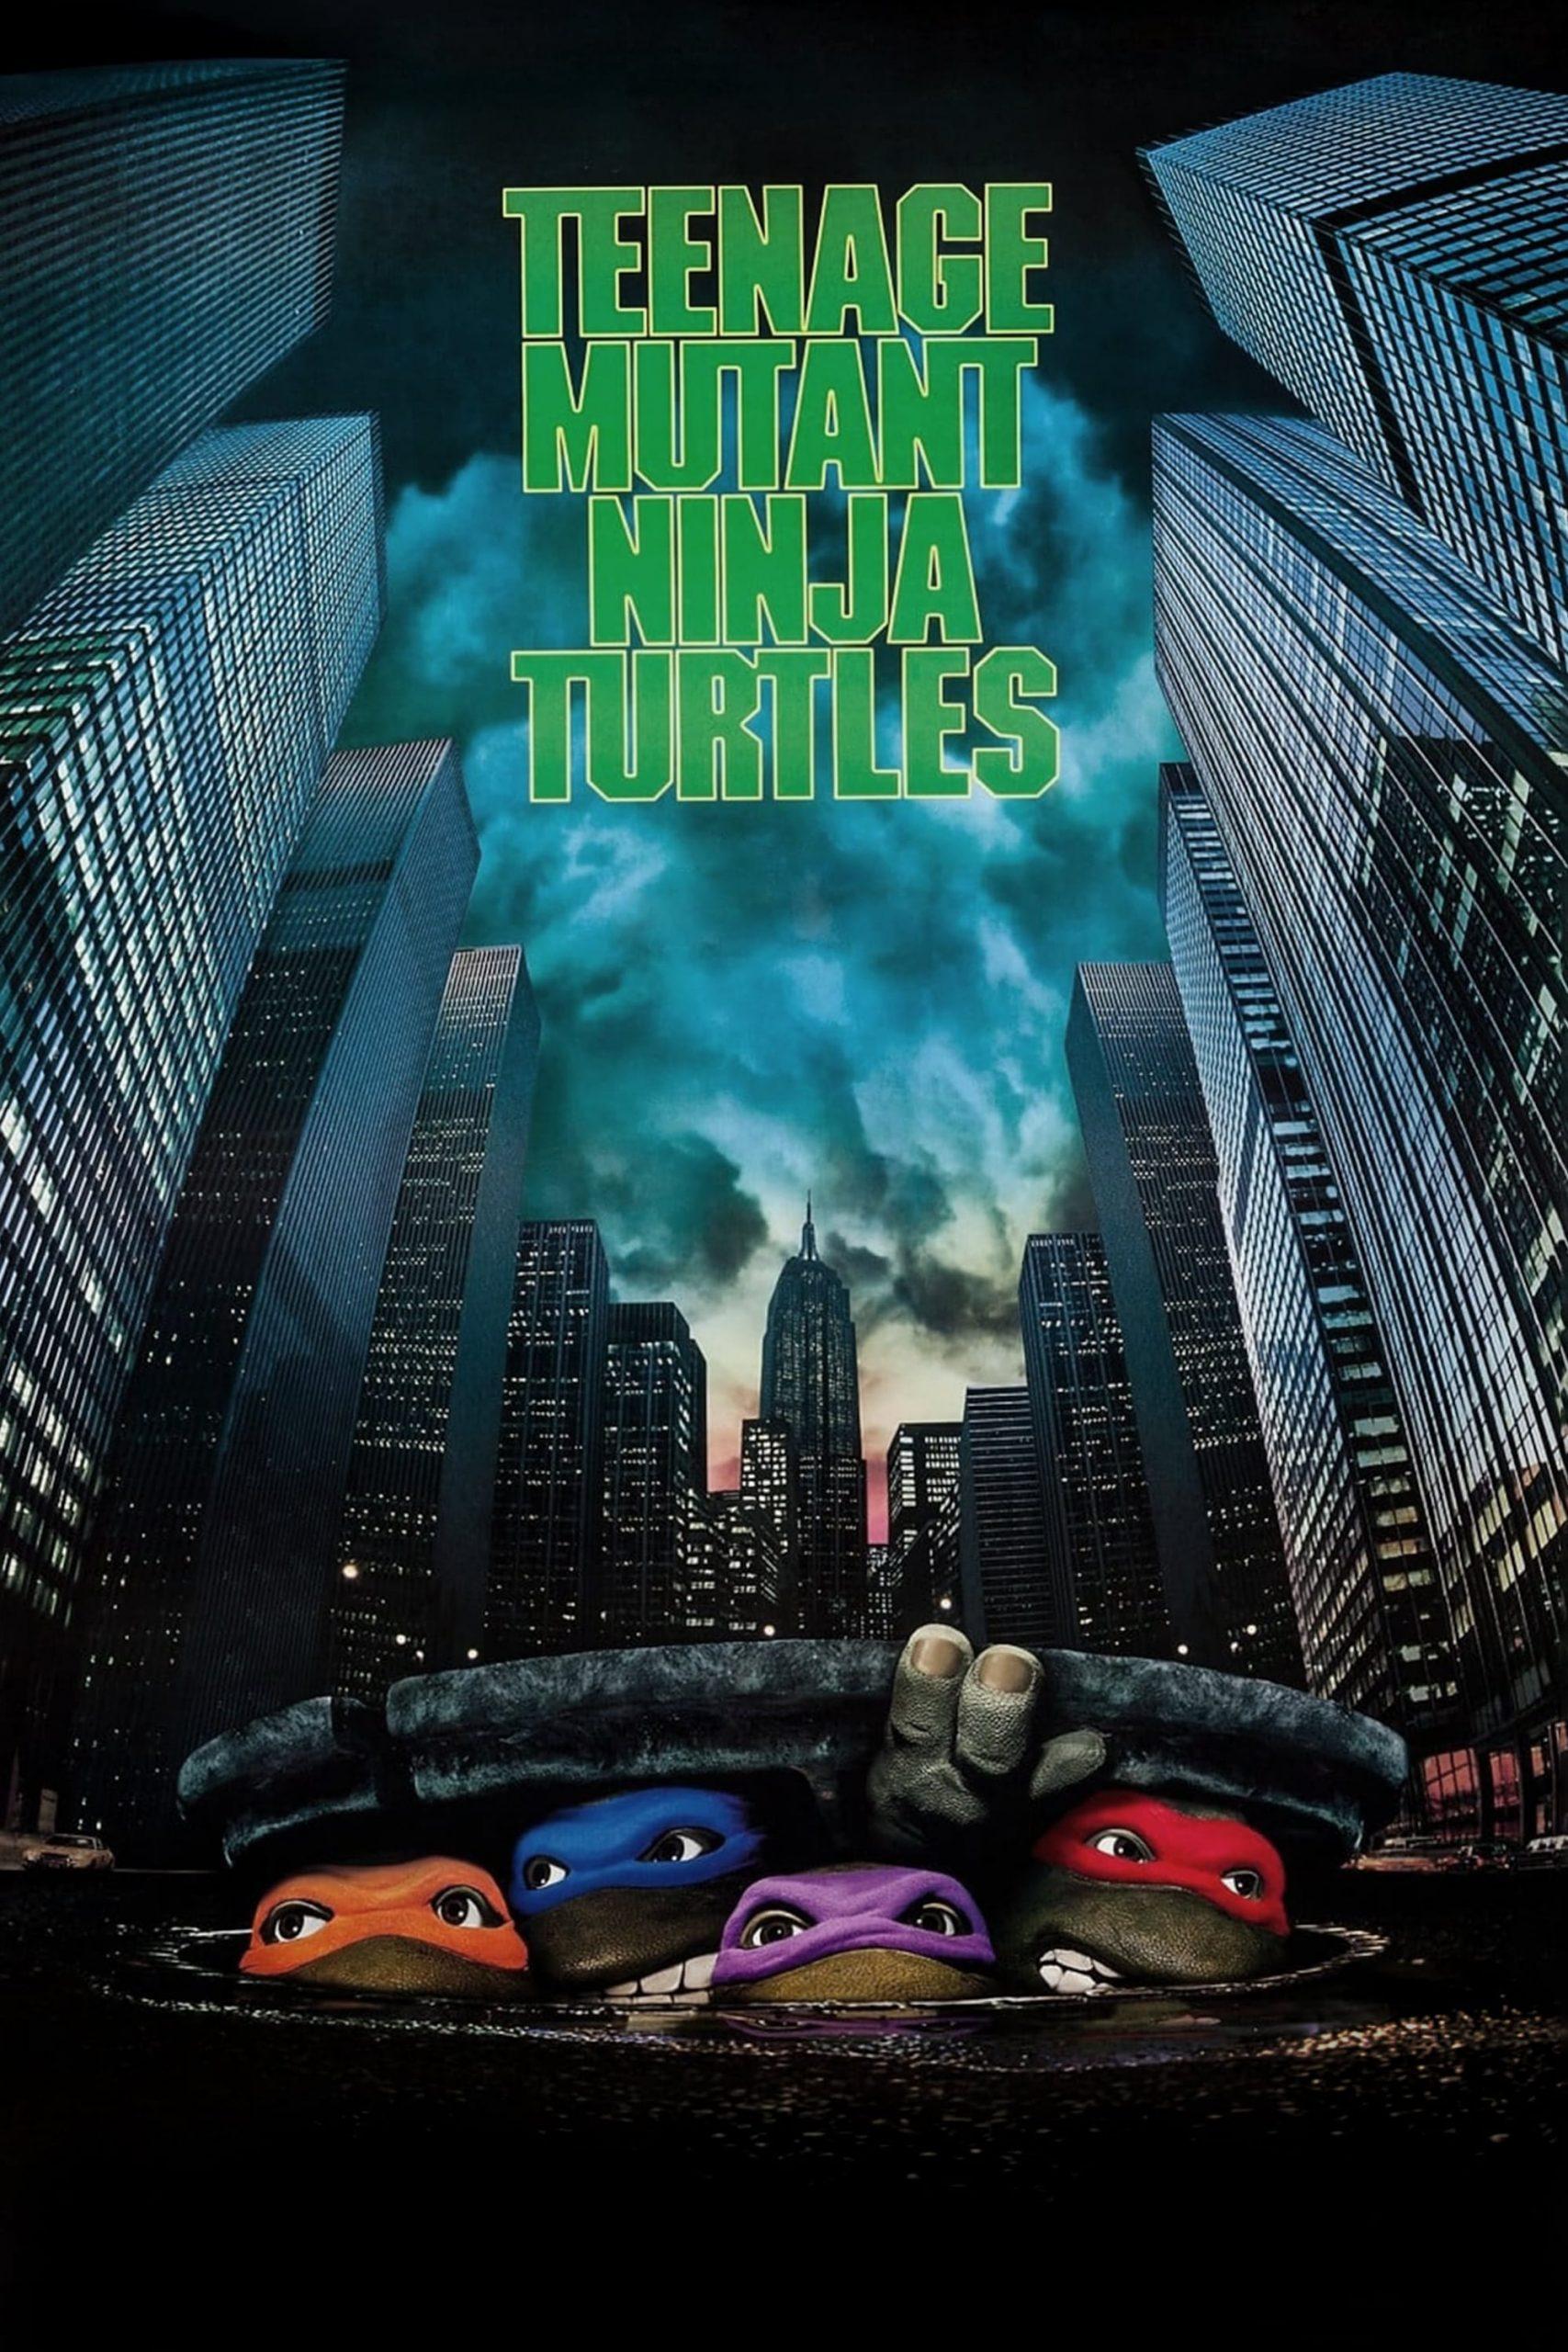 Poster for Teenage Mutant Ninja Turtles